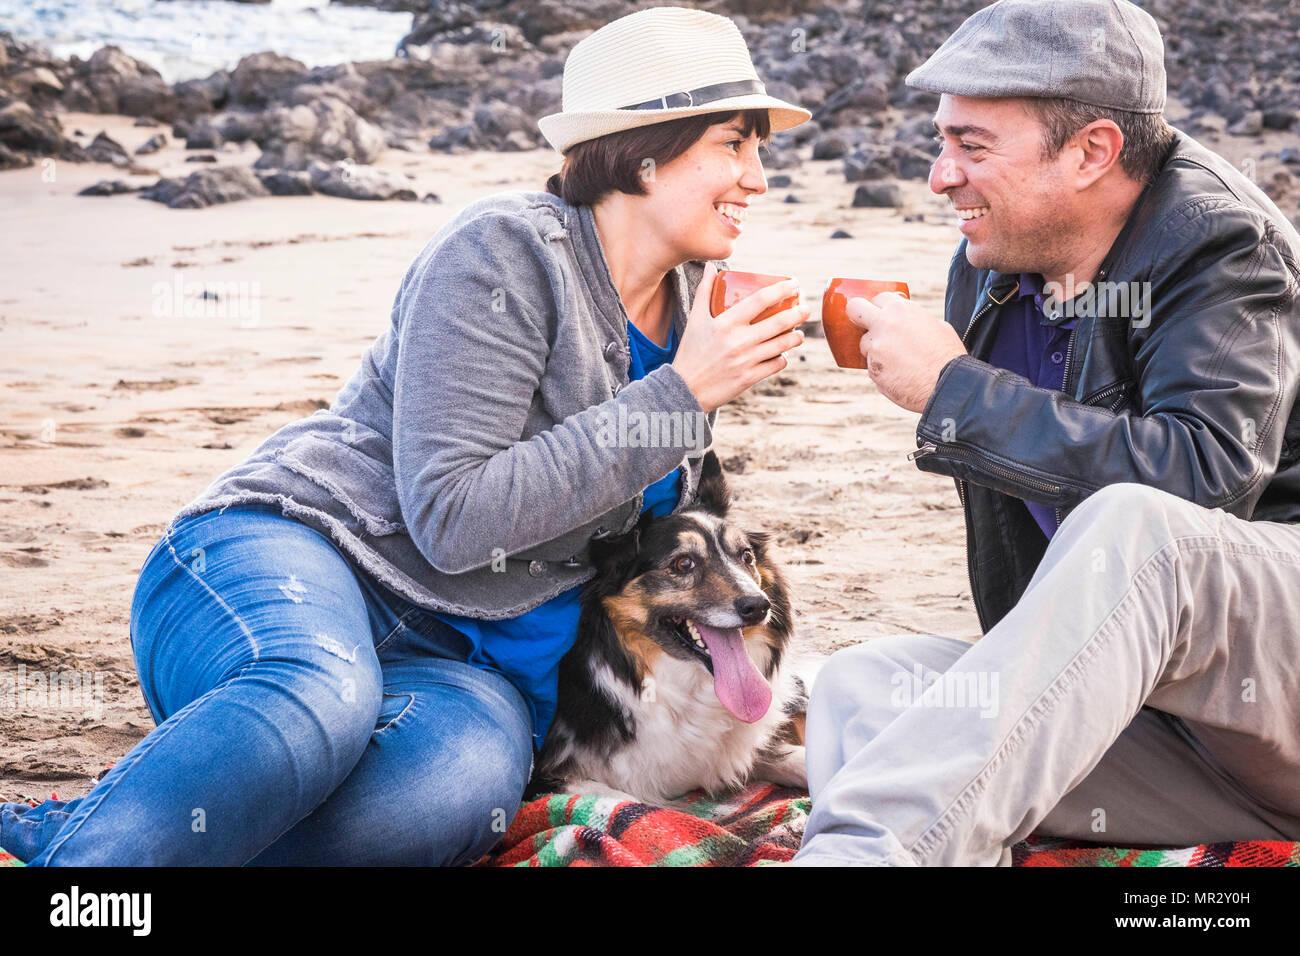 Famiglia con un Border Collie cane fa pic nic attività sulla spiaggia in vacanza estiva, stile di vita con gli amici concetto. vecchio stile vintage e filtro. Immagini Stock